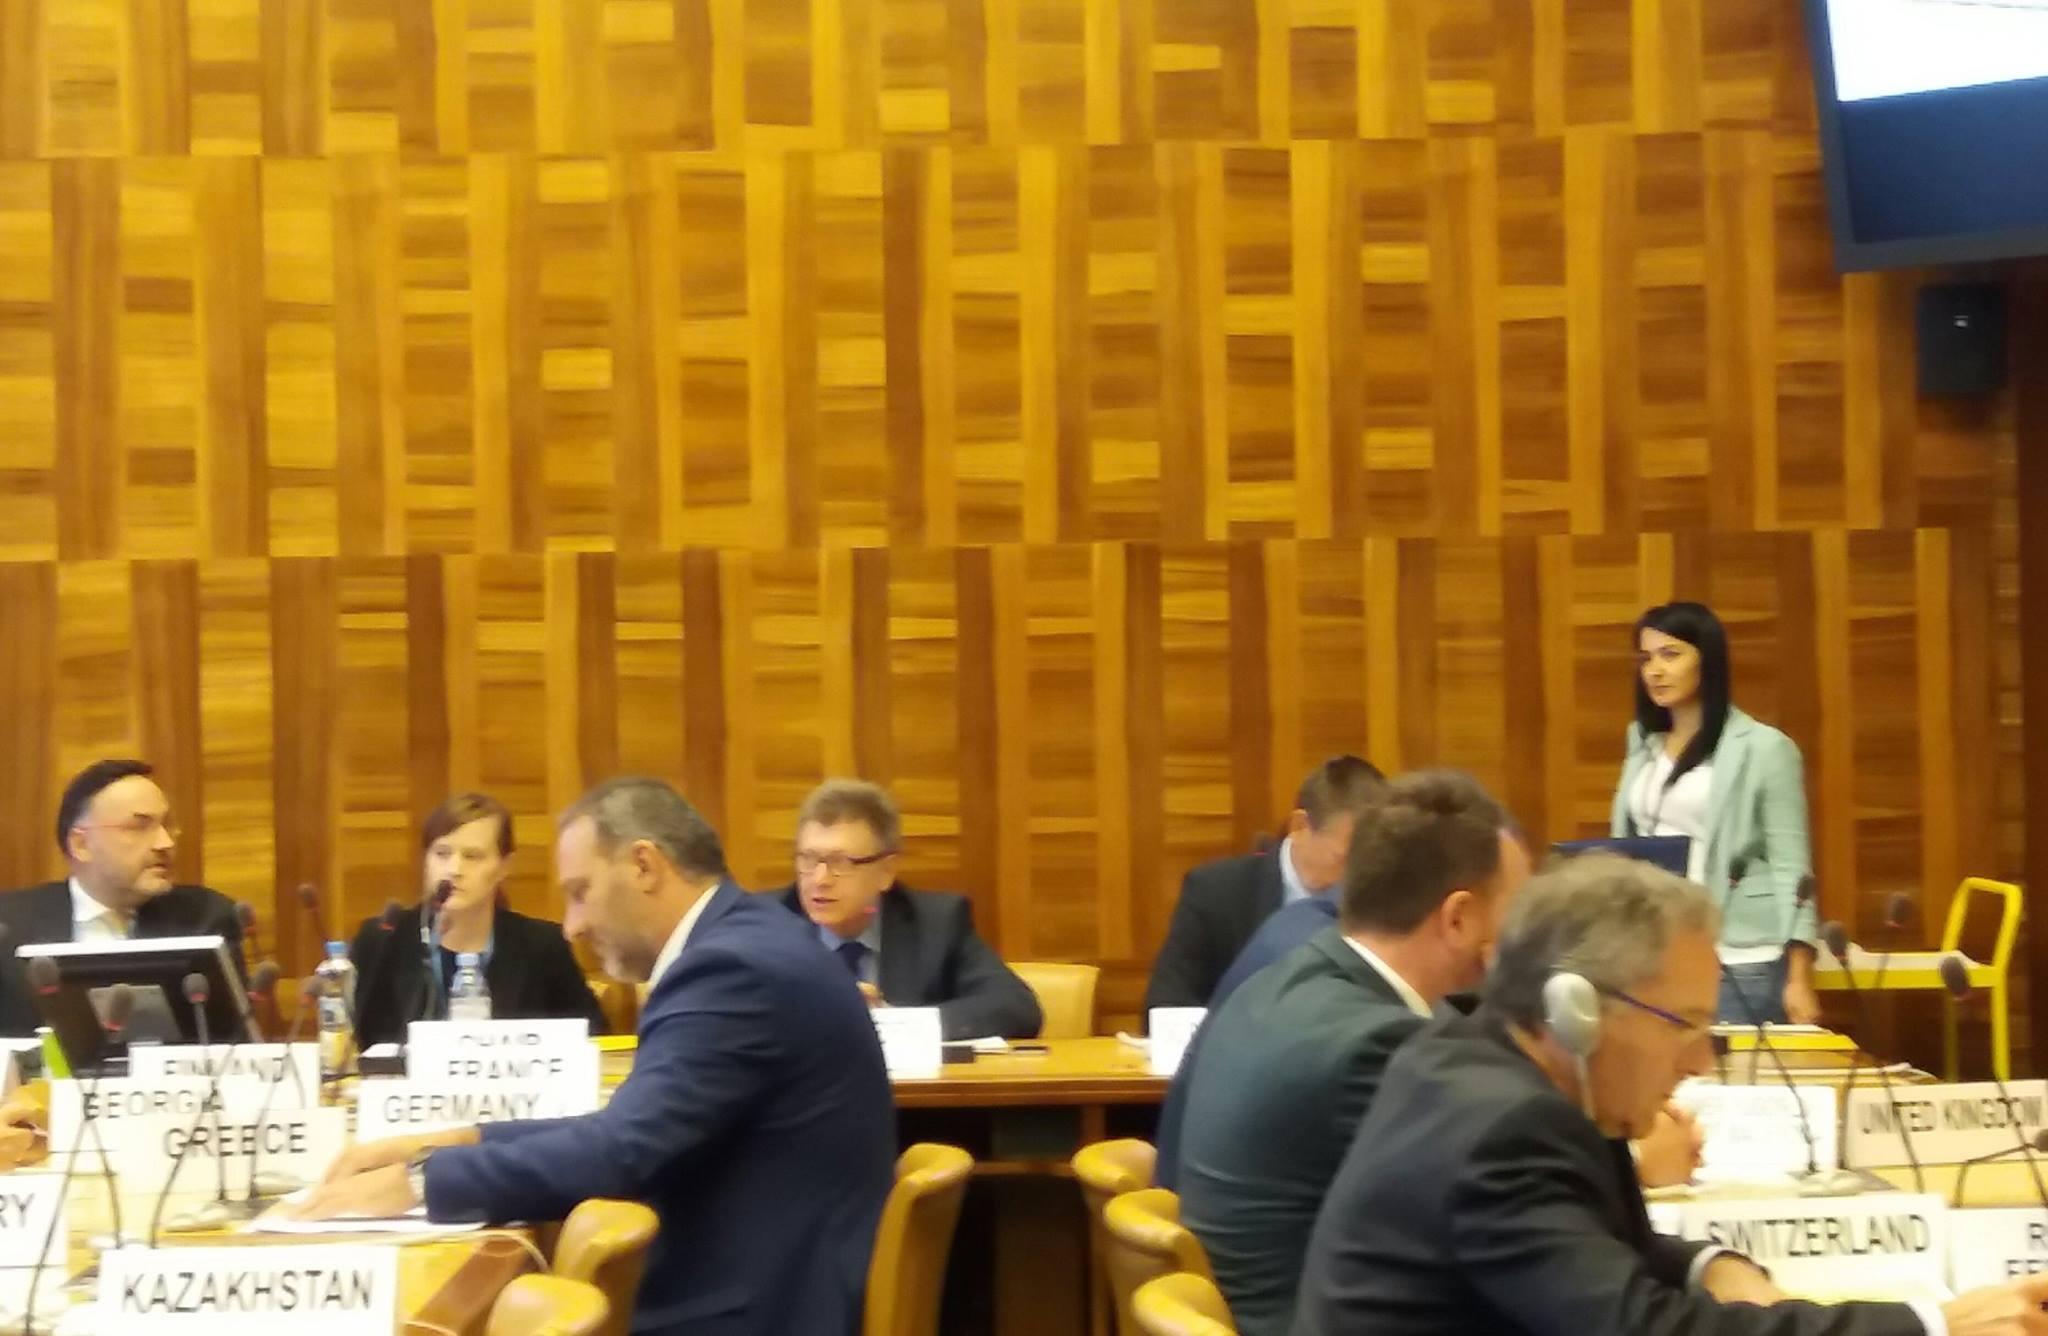 30-я сессия Рабочей группы по тенденциям и экономике транспорта (WP.5) Европейской экономической комиссии ООН.